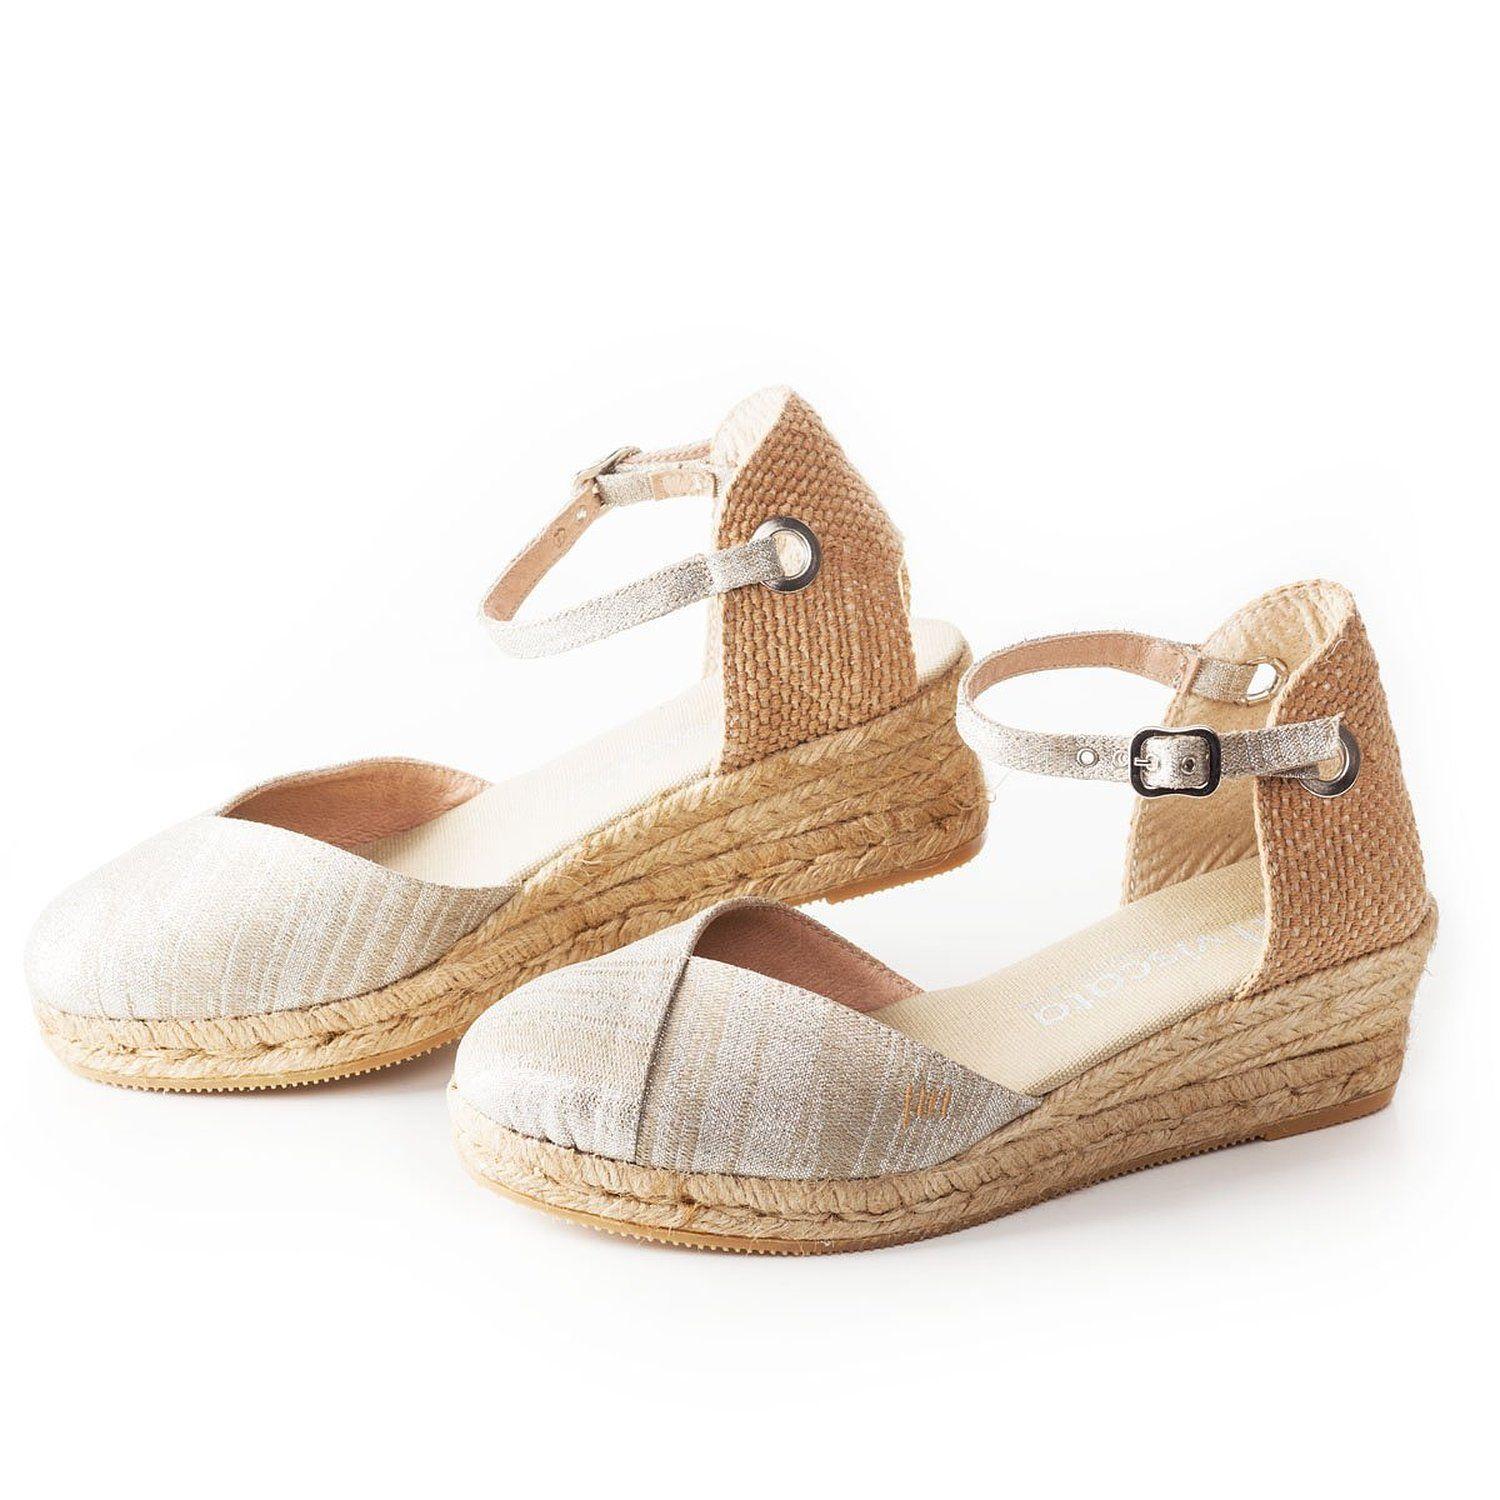 Espadrilles 2 inch heel